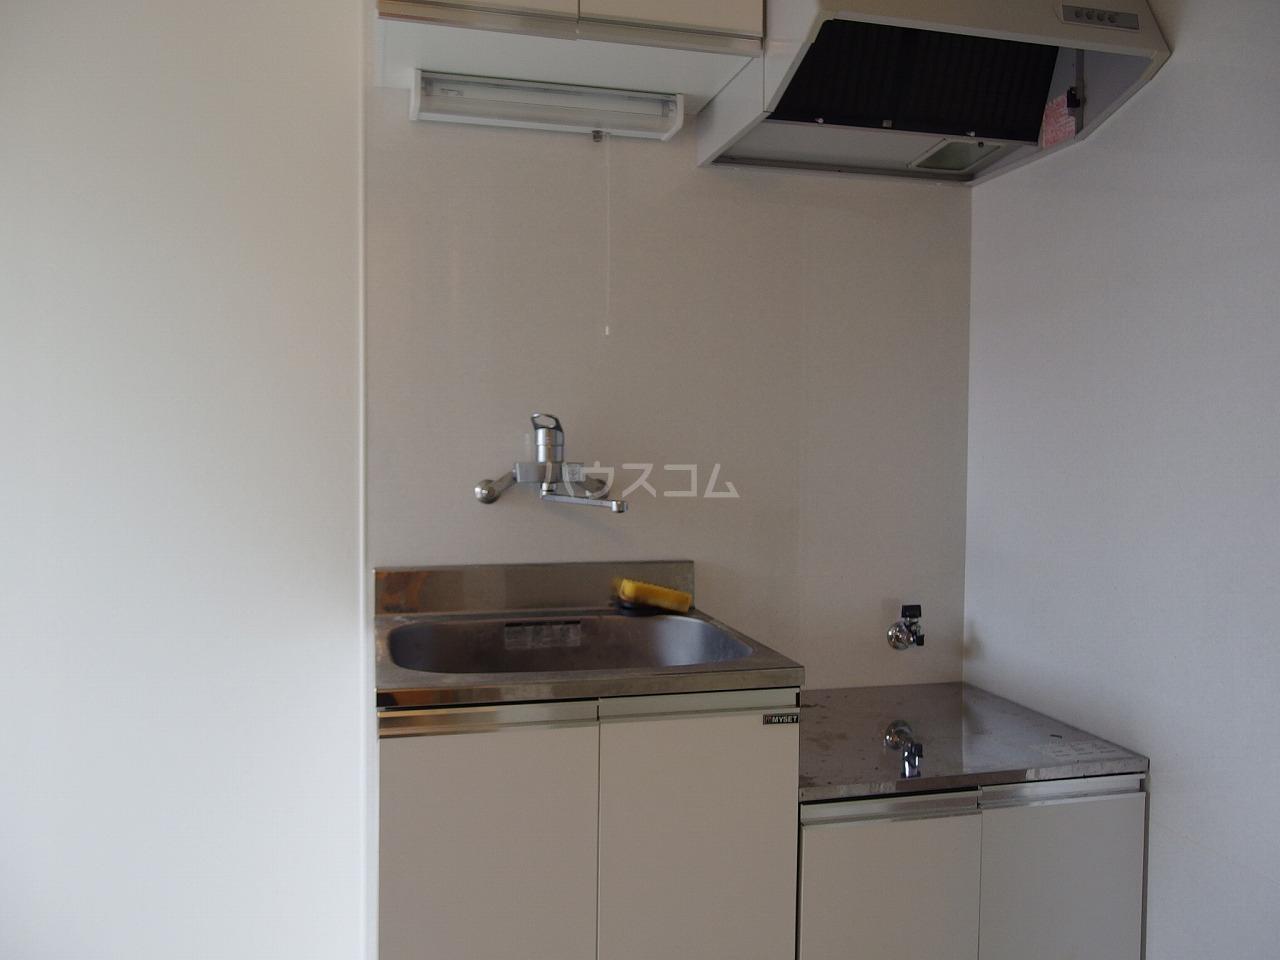 第1白王荘 102号室のキッチン